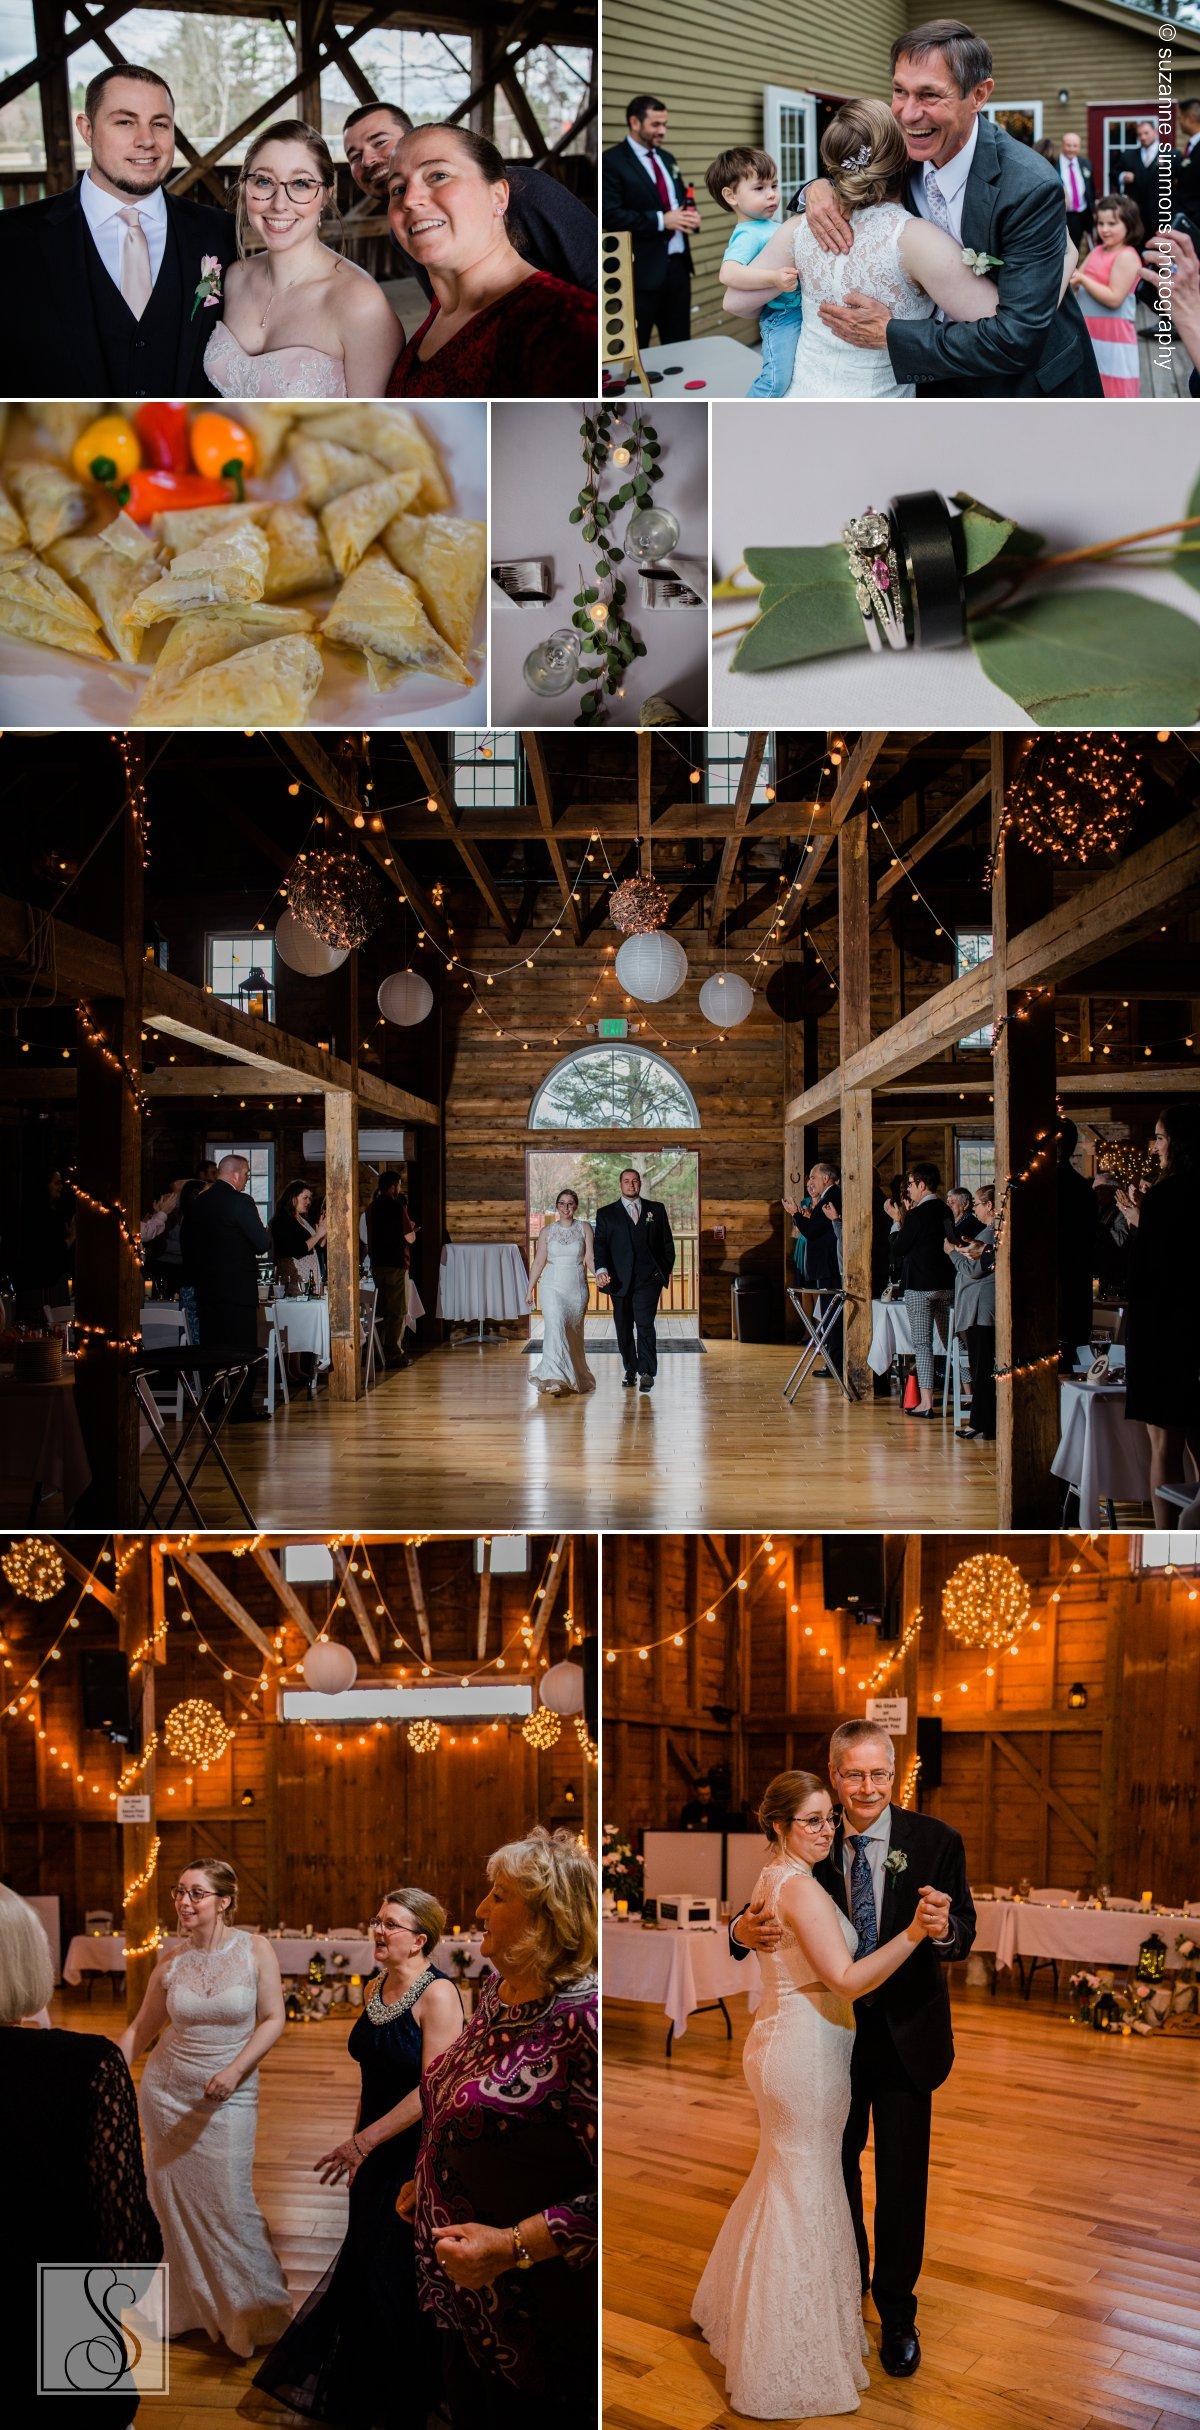 Wedding reception at the 1888 Wedding Barn